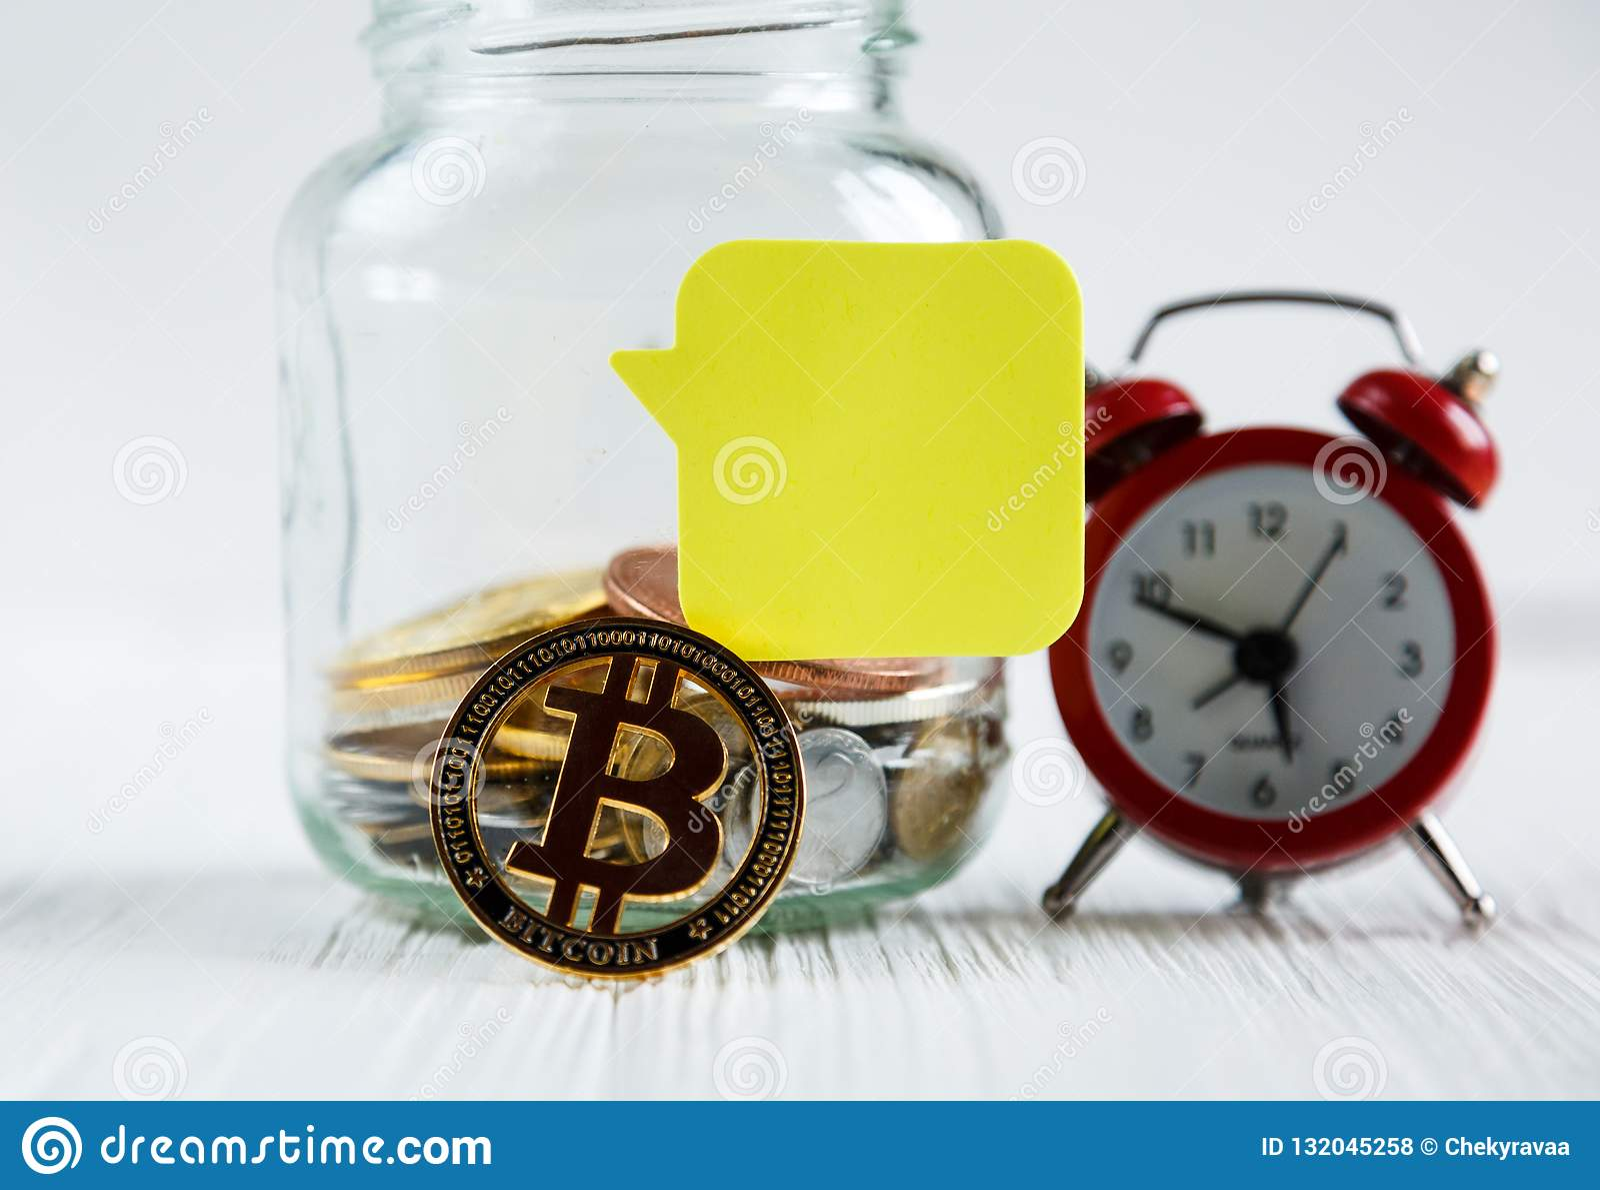 Bitcoins brązowa złota moneta w szklanym słoju na białym drewnianym stole Set cryptocurrencies z istnym euro, dolary w słoju